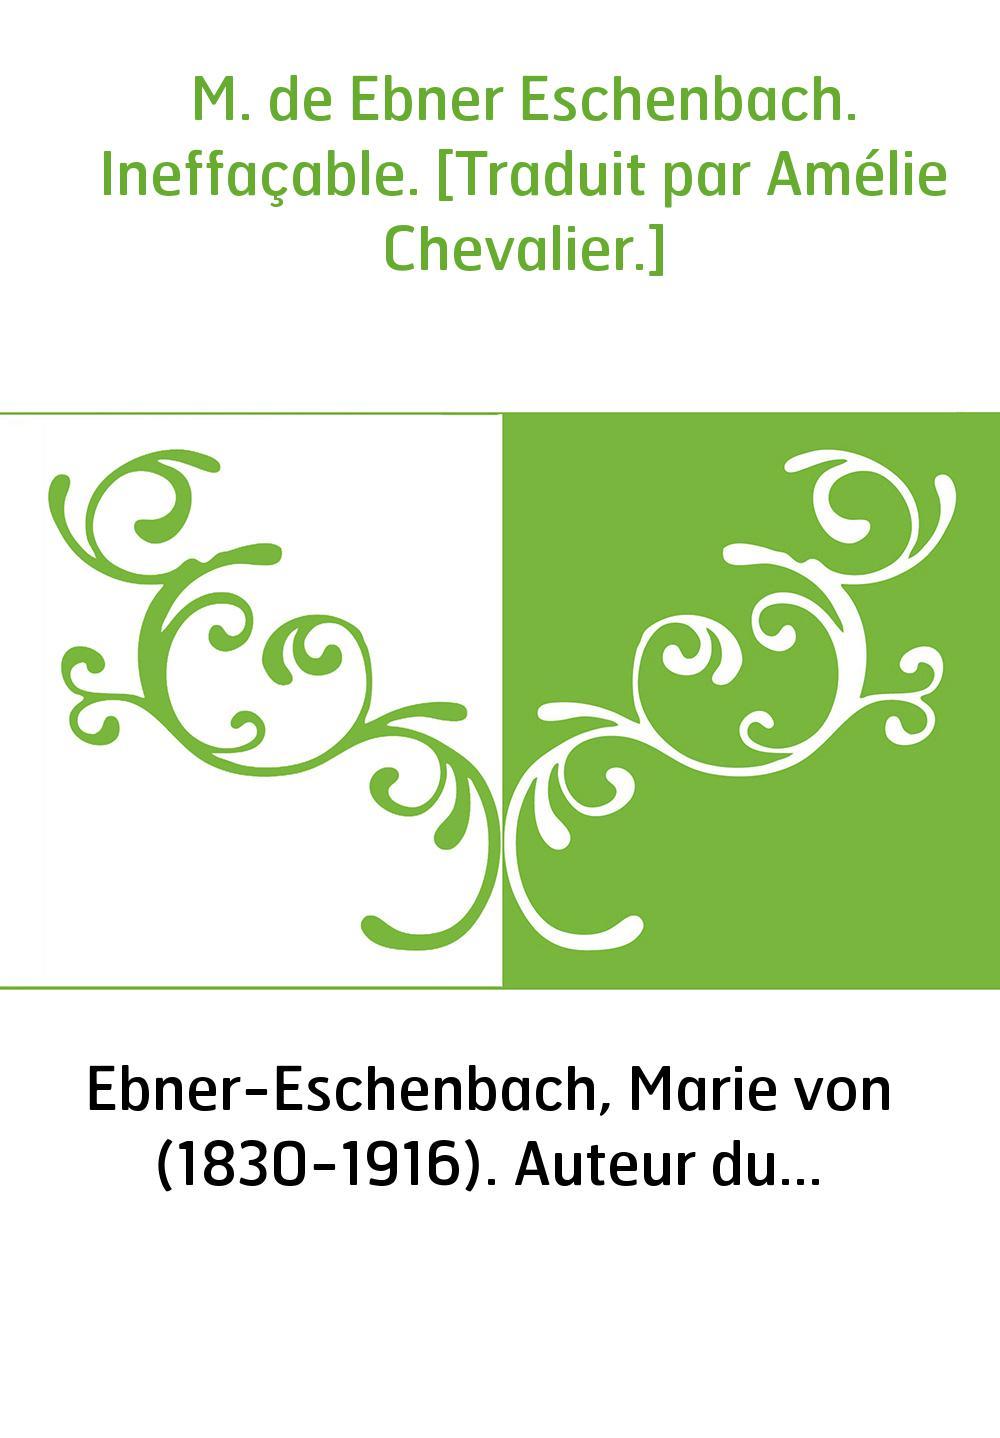 M. de Ebner Eschenbach. Ineffaçable. [Traduit par Amélie Chevalier.]